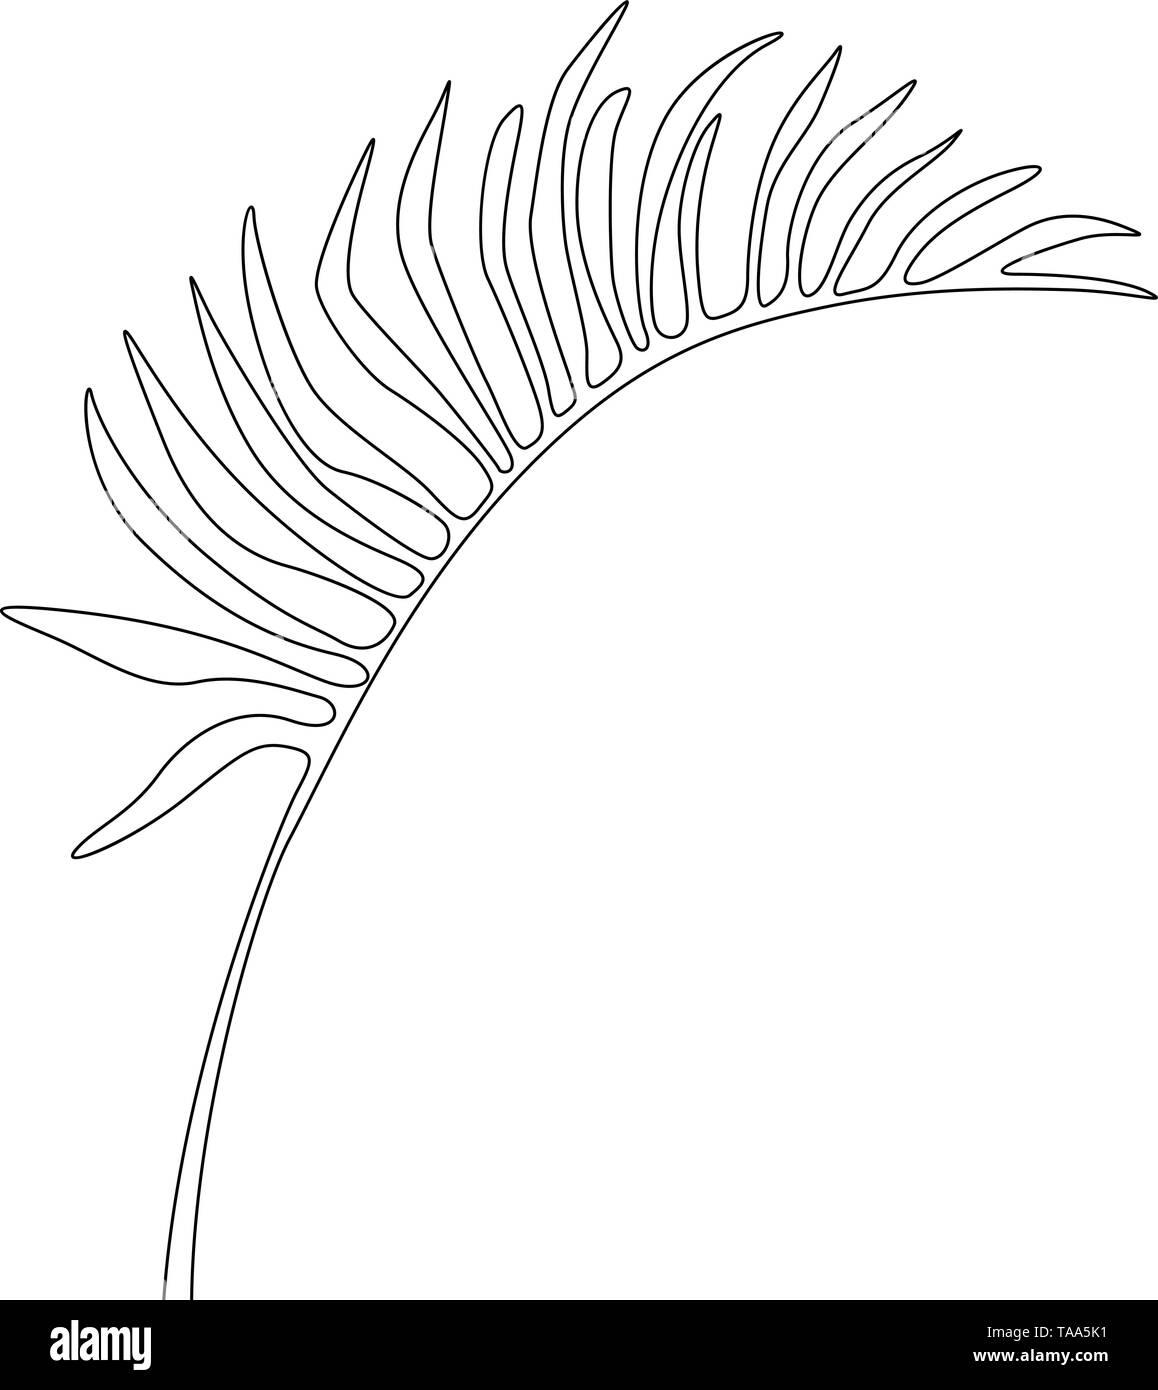 Eine Strichzeichnung areca Blatt. Durchgehende Linie exotische tropische Pflanzen. Stockbild